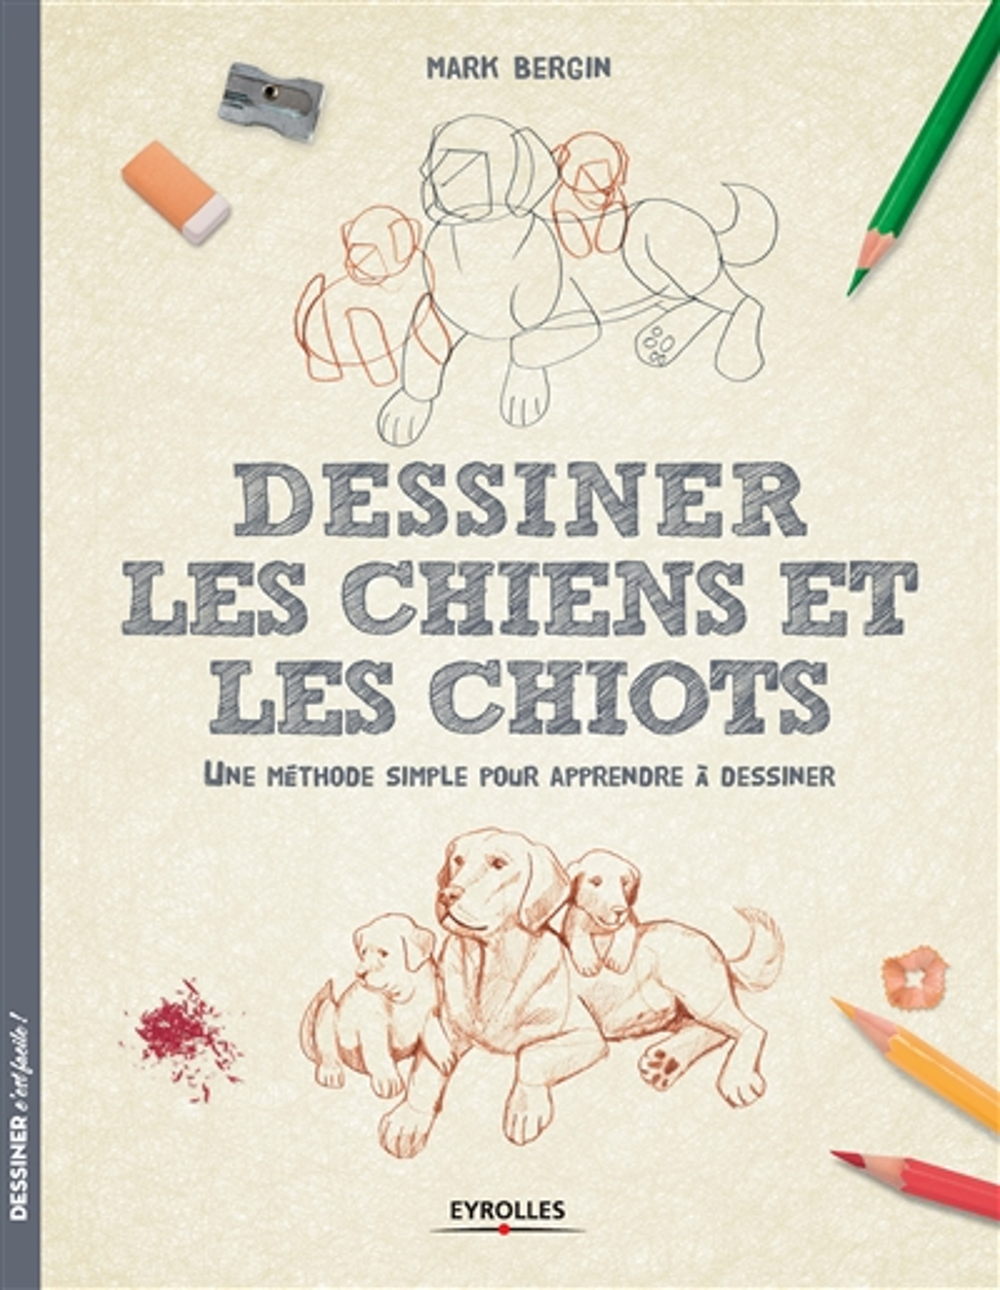 DESSINER LES CHIENS ET LES CHIOTS - UNE METHODE SIMPLE POUR APPRENDRE A DESSINER Bergin Mark Eyrolles